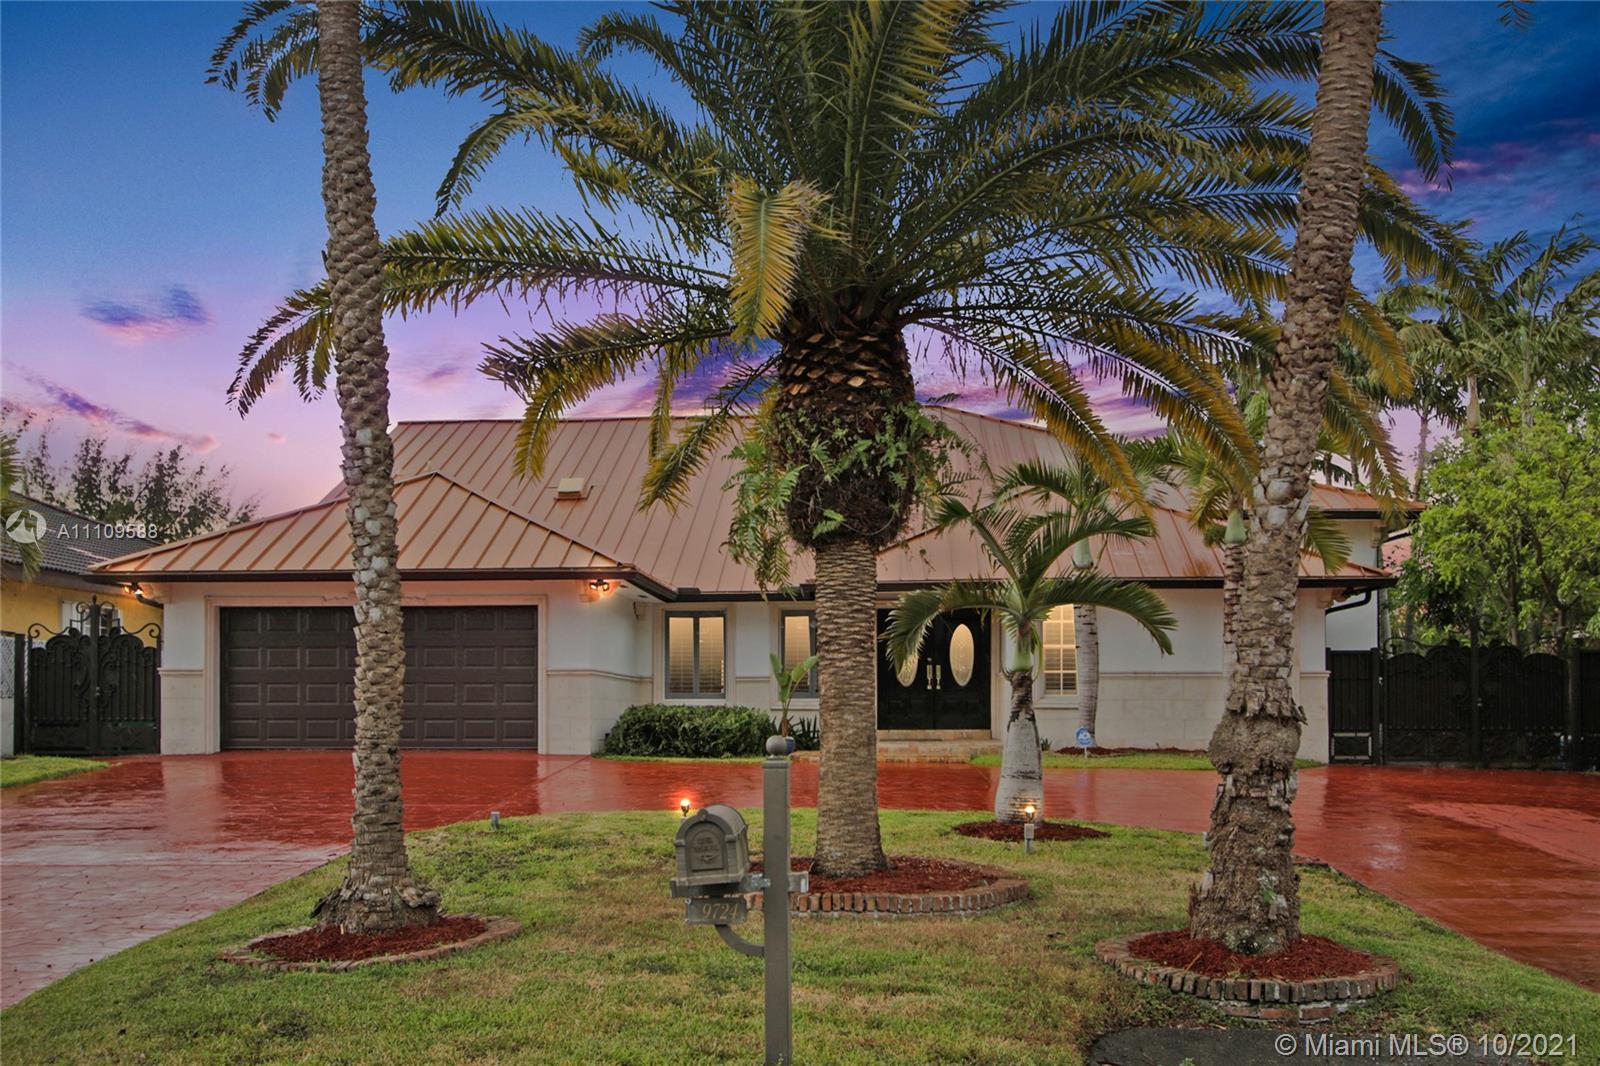 Las Ramblas - 9724 NW 27th Ter, Doral, FL 33172